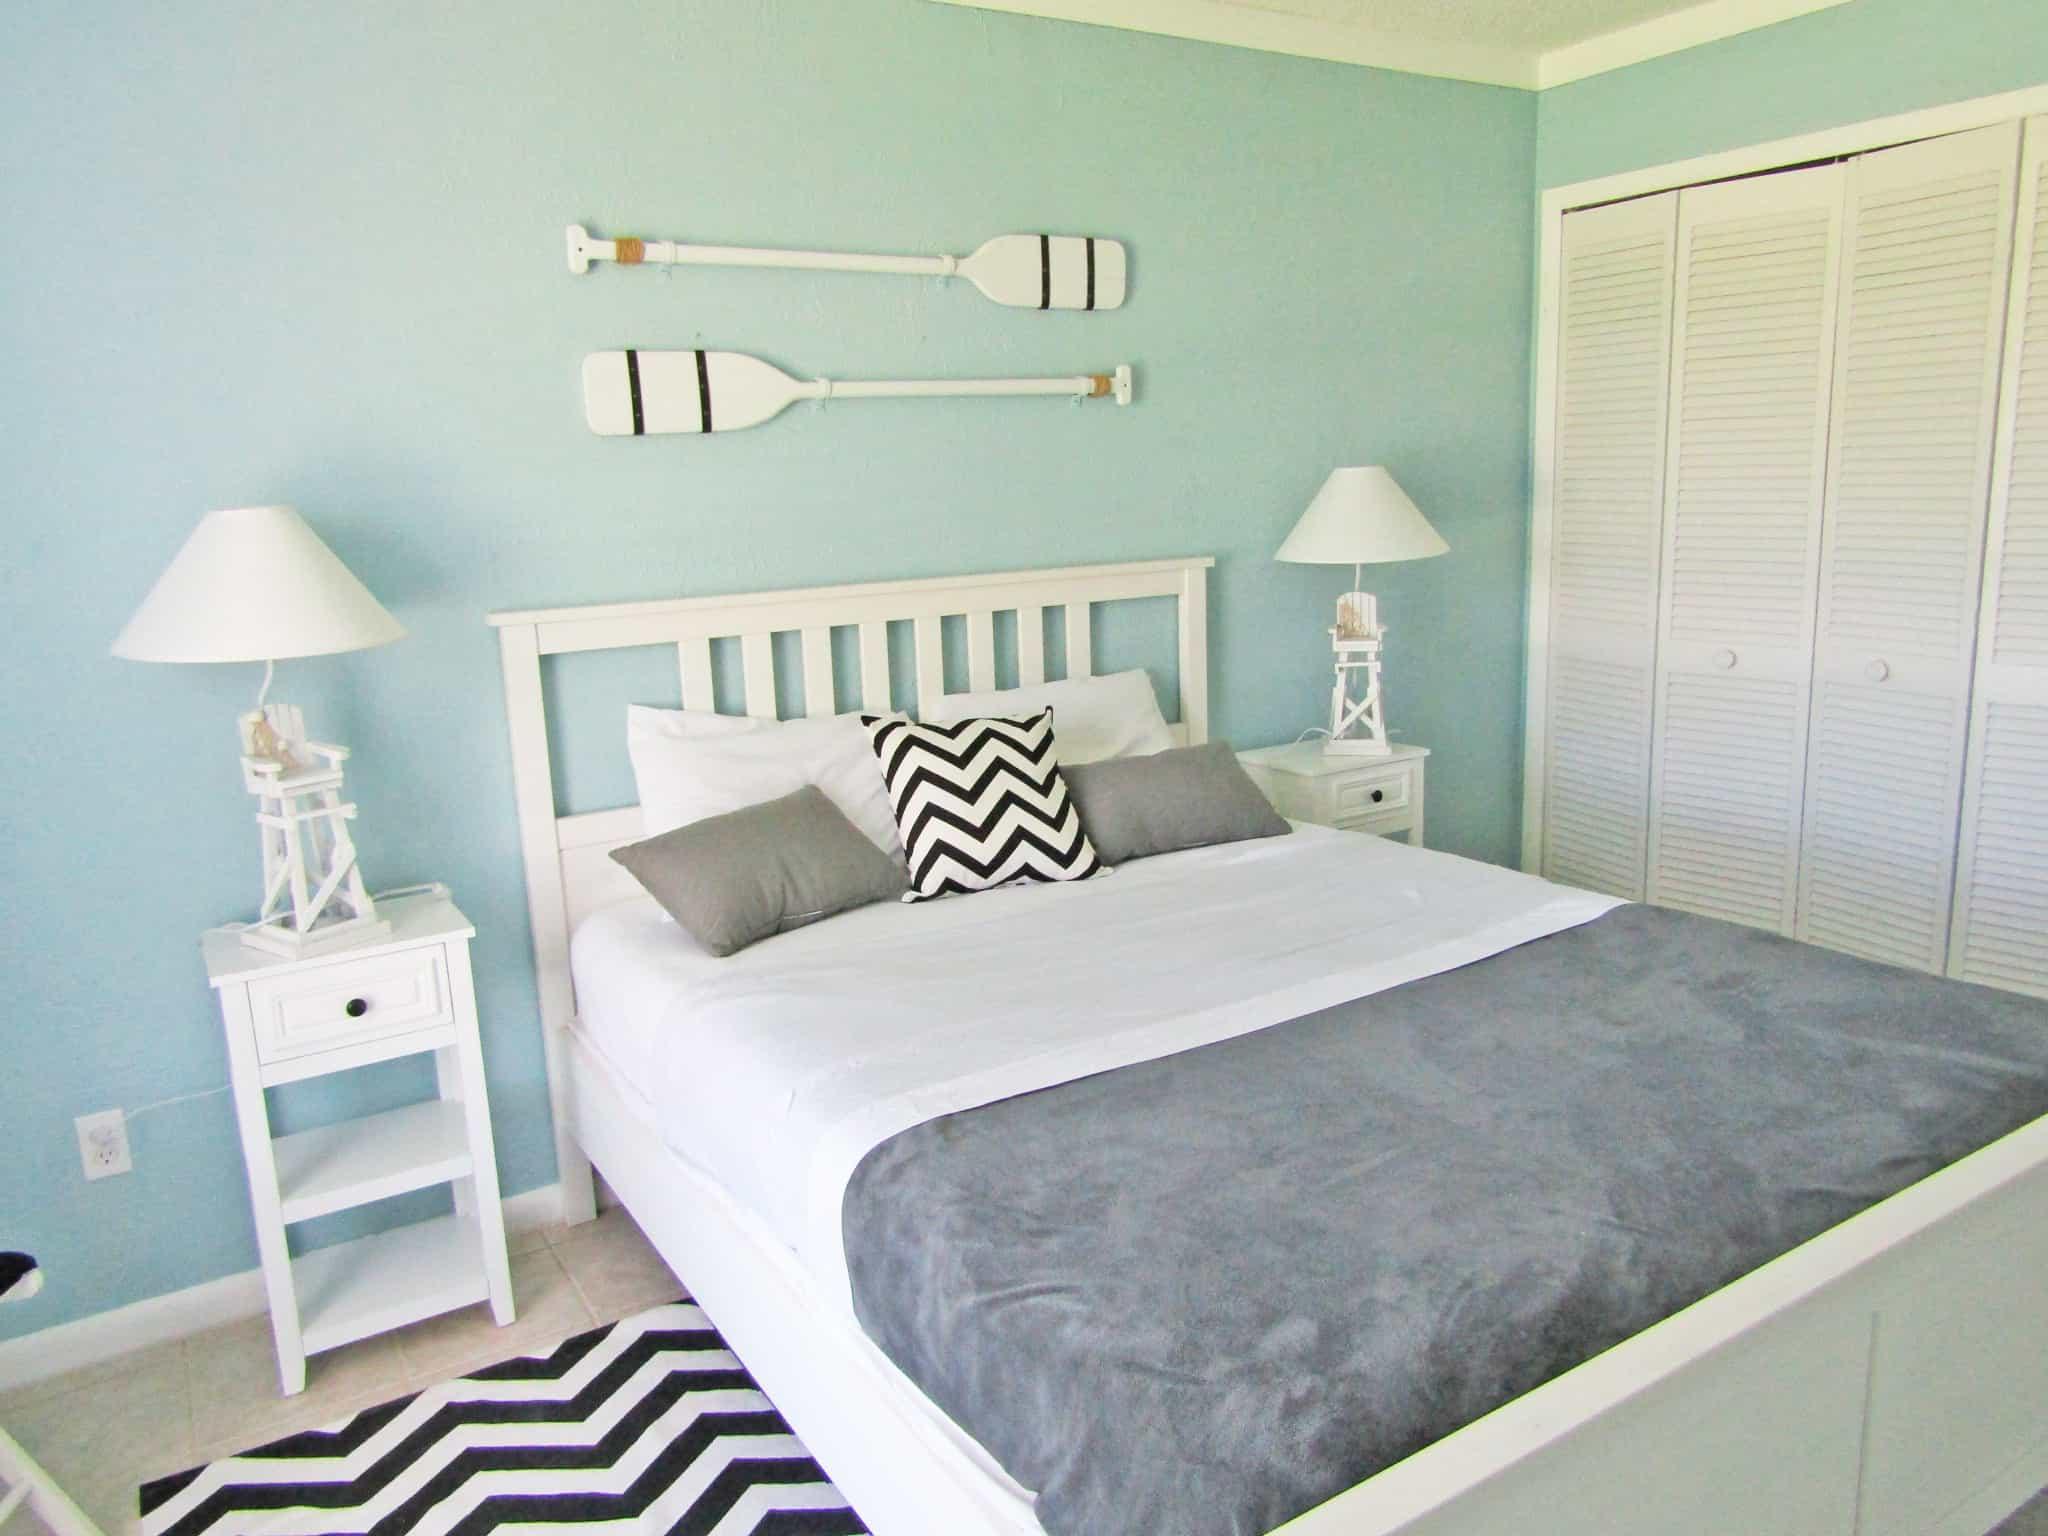 bedroom 2 (ground floor)